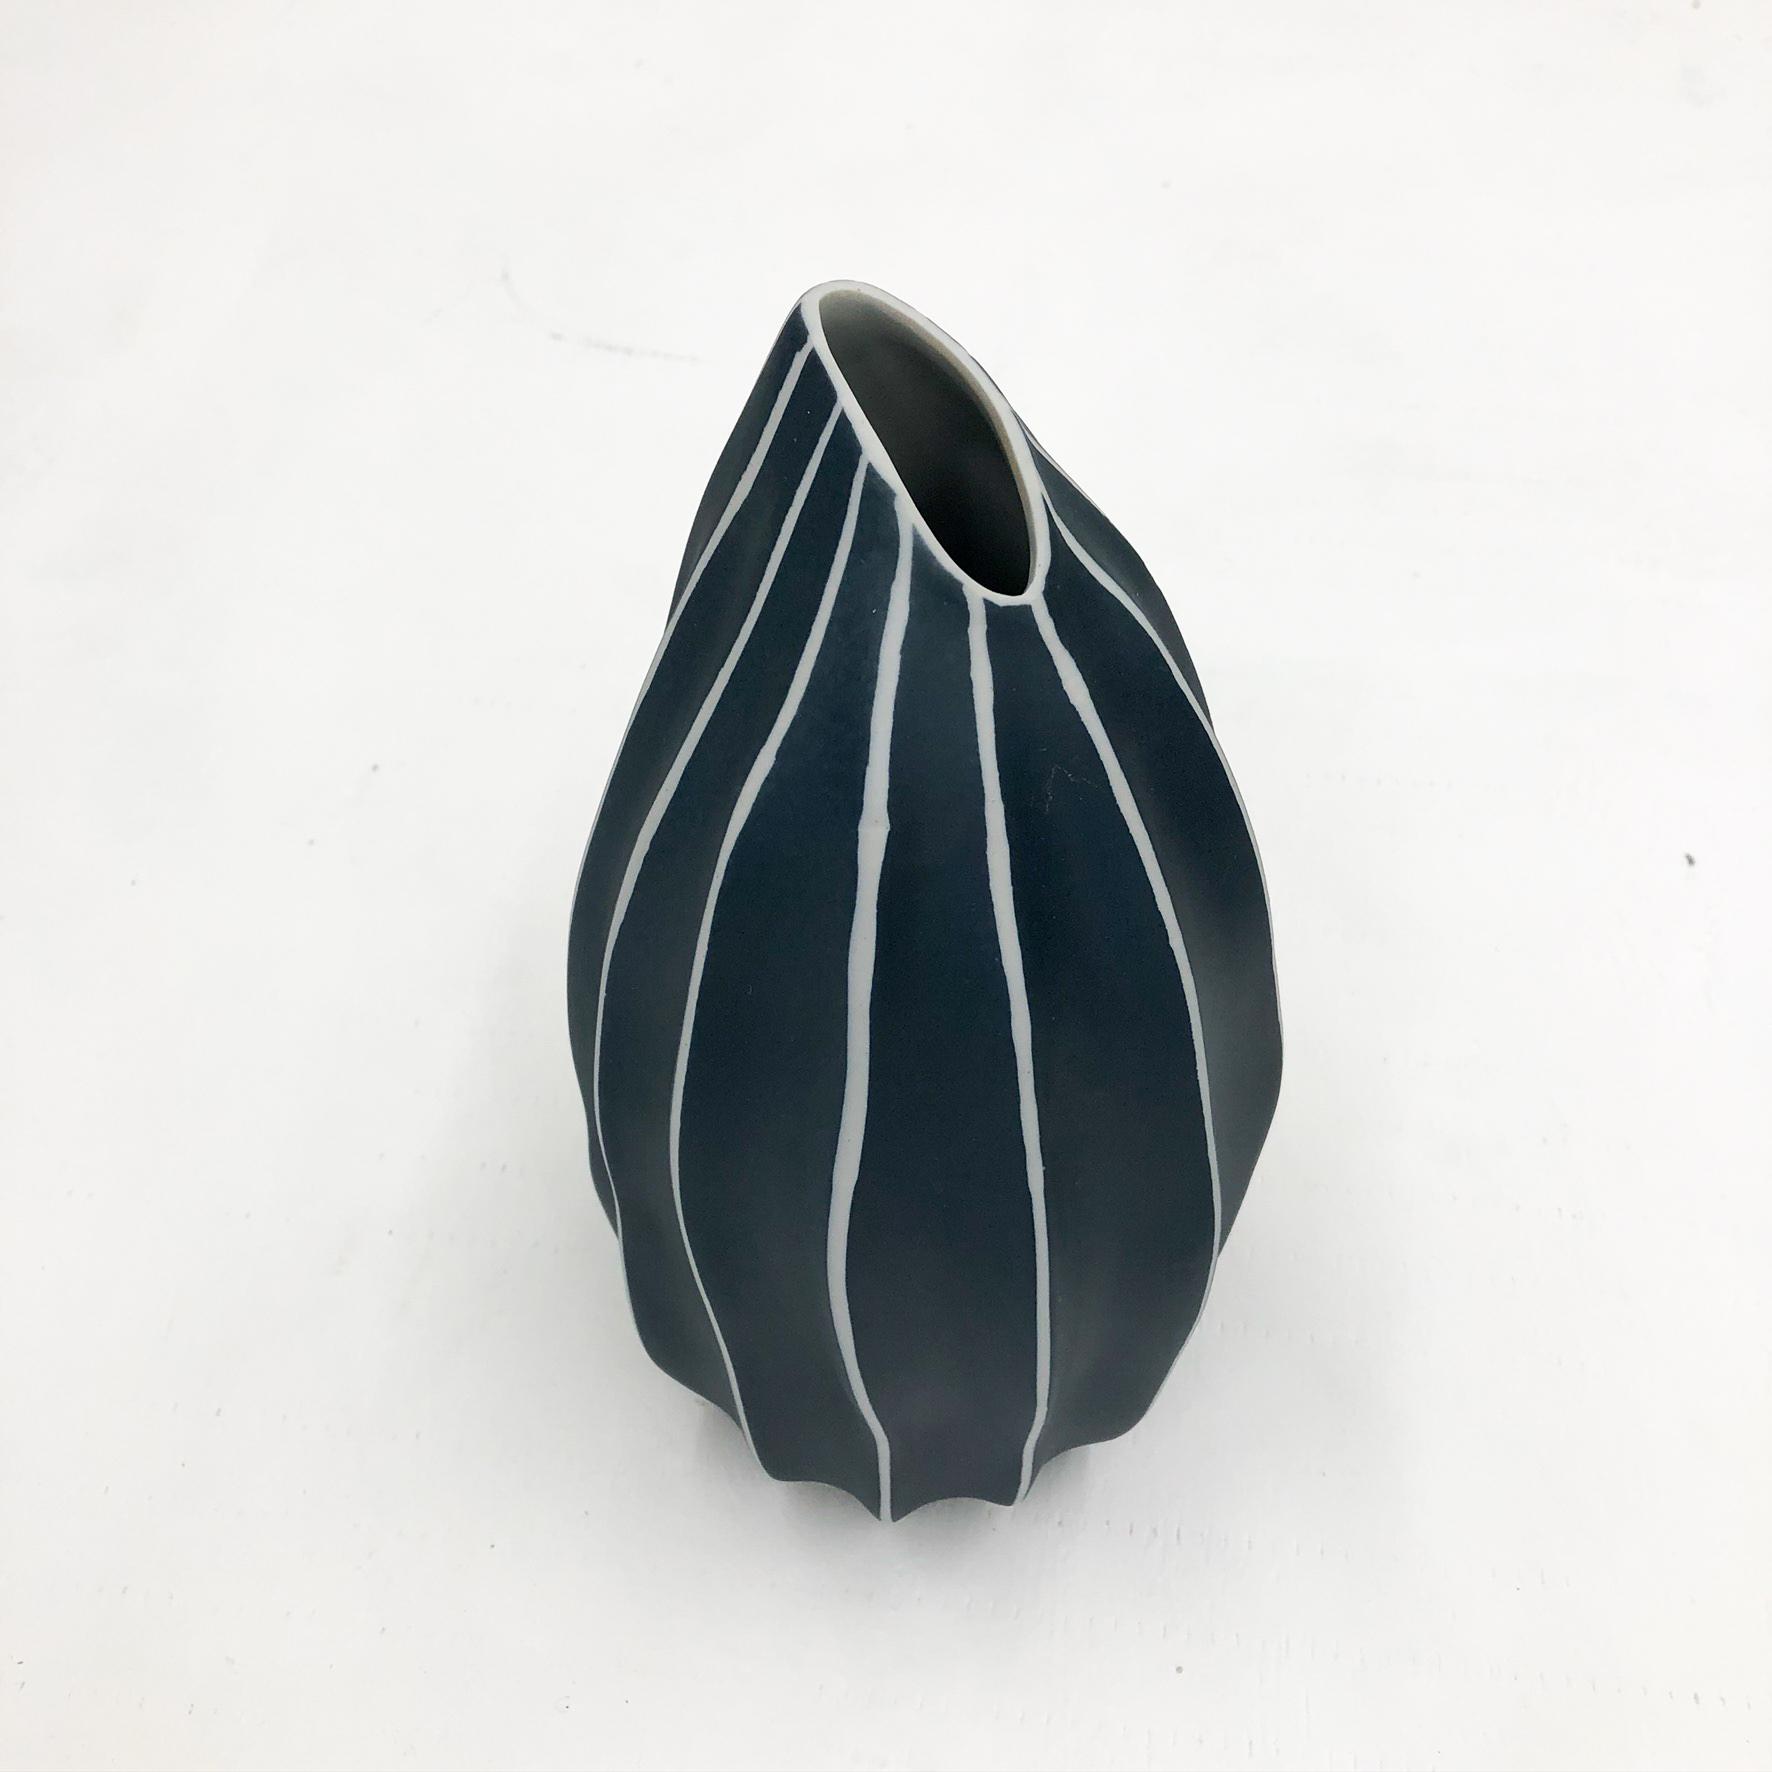 Seda S Handmade Vase - Navy - top view